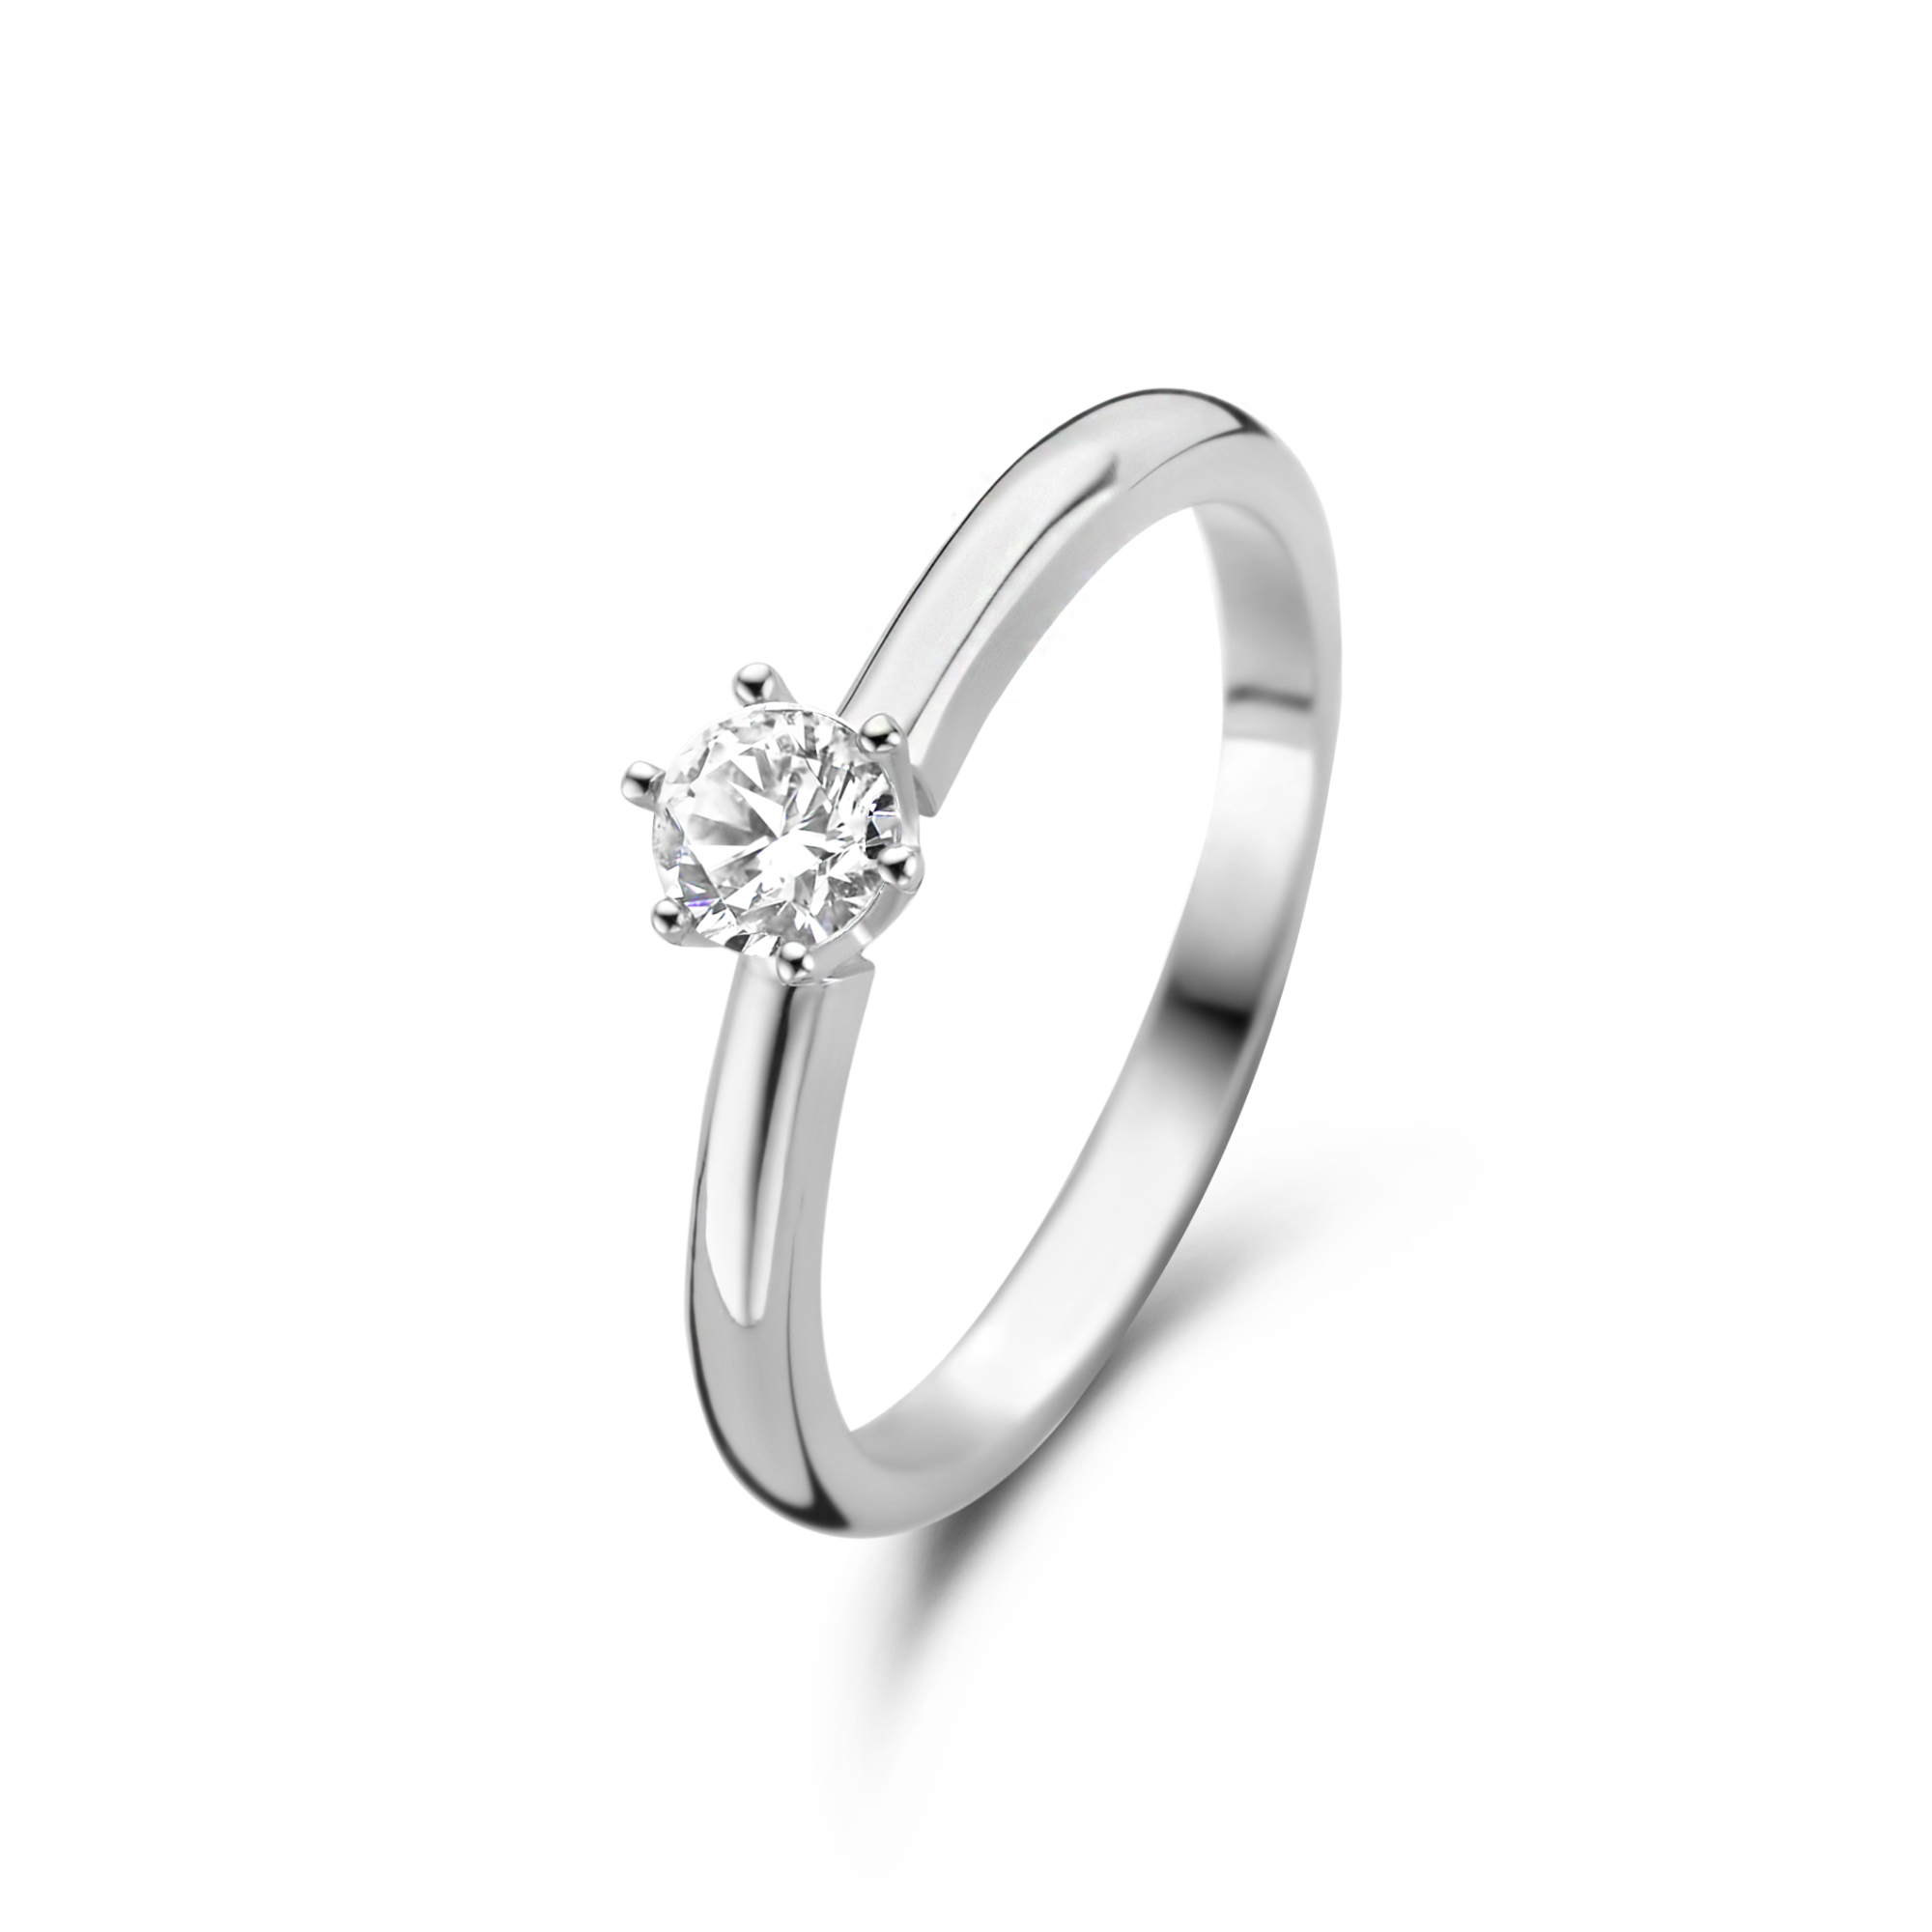 Zilveren solitaire ring gezet met zirkonia steen van 4mm.